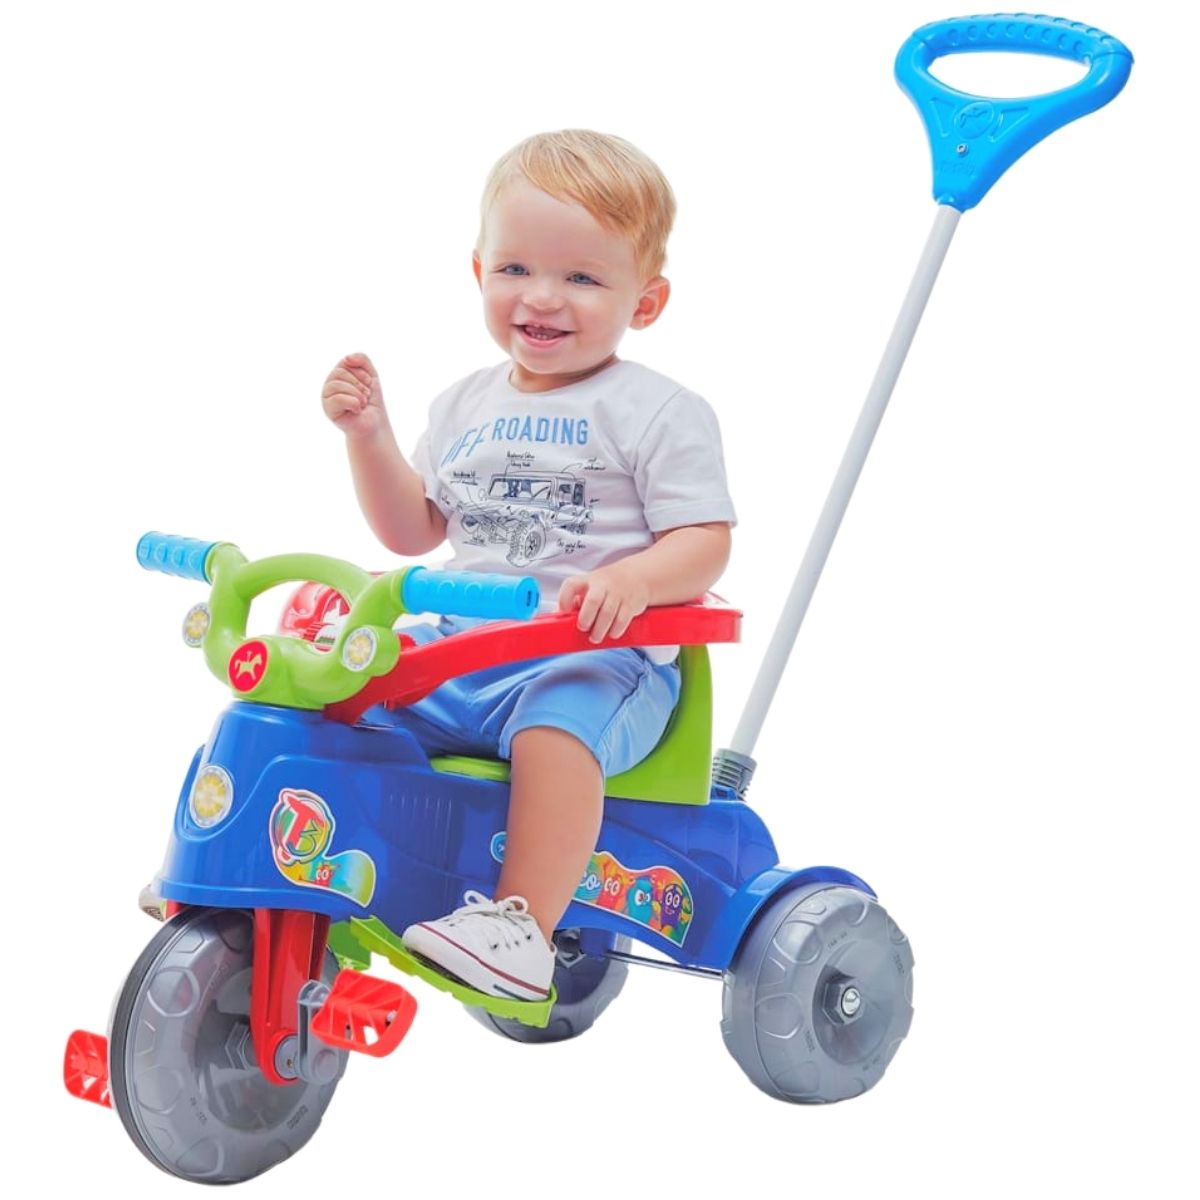 Triciclo Infantil Empurrador E Protetor 1-3 Anos Ta Te Tico